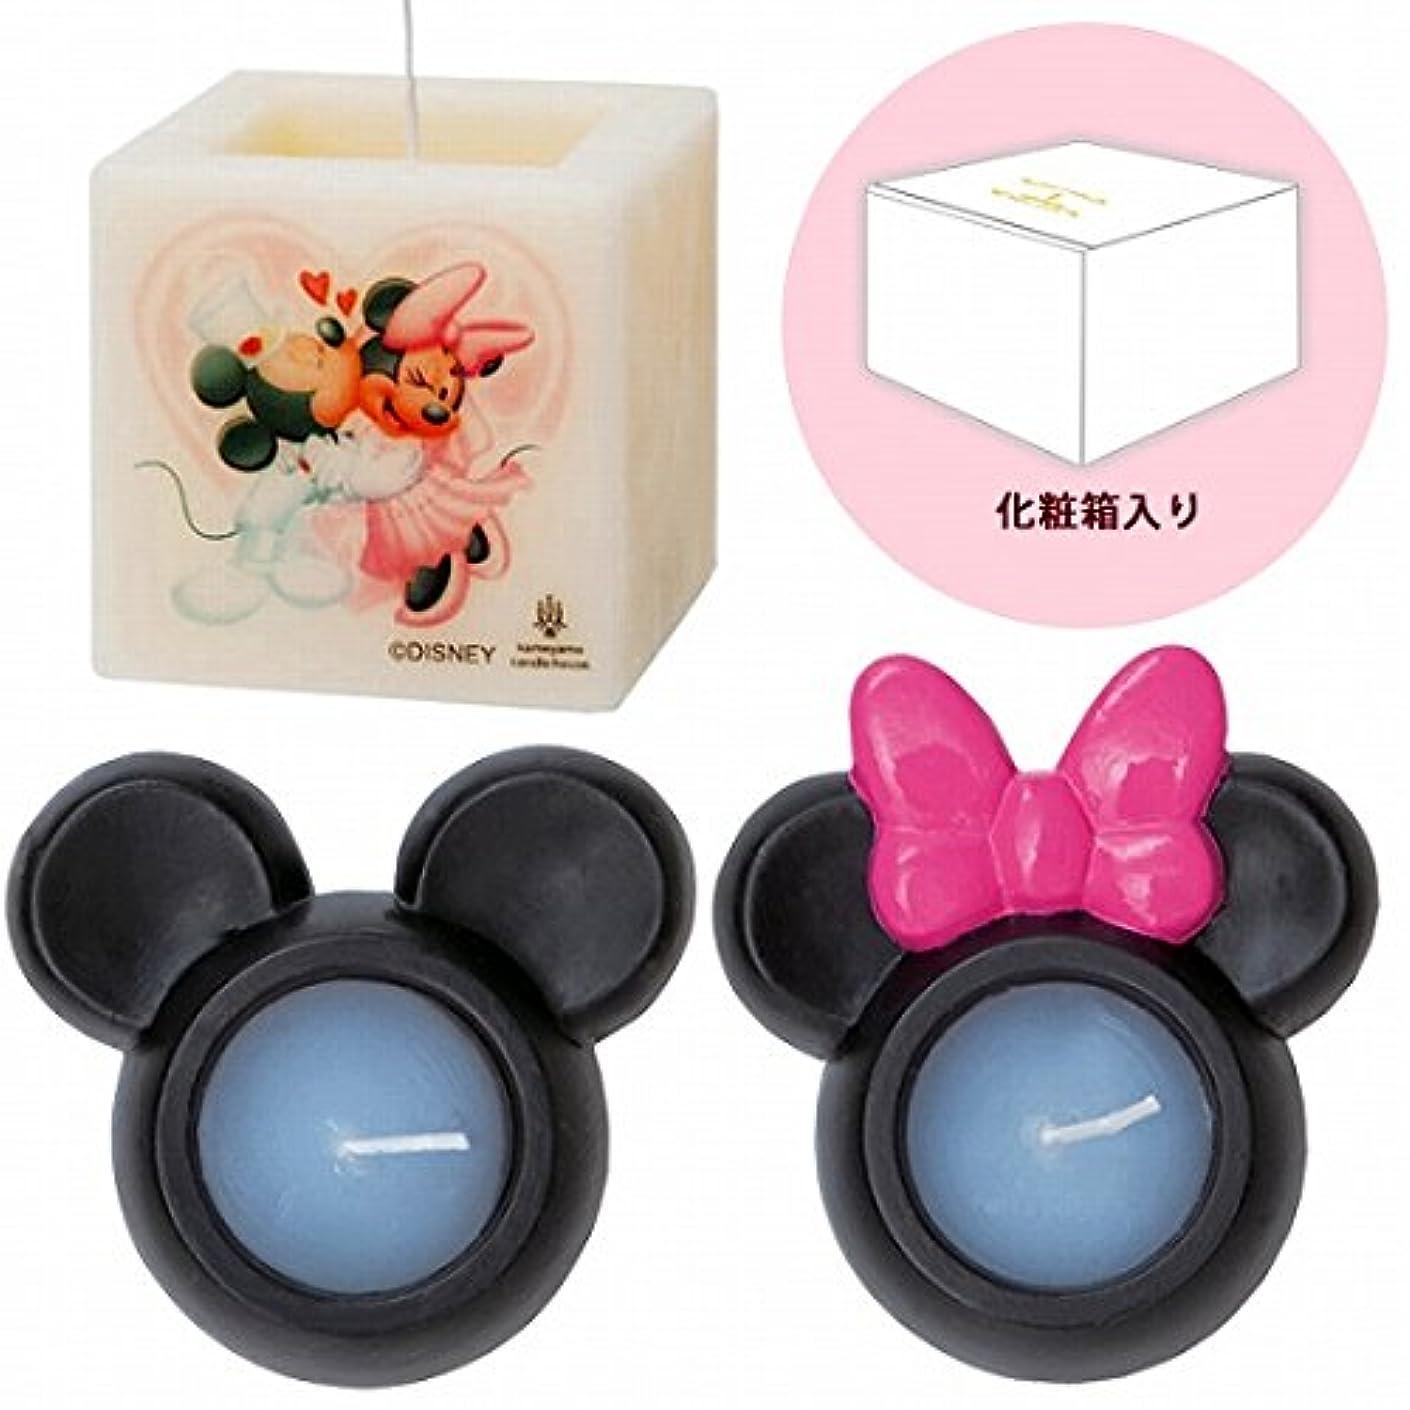 叱るレーザレンズカメヤマキャンドル( kameyama candle ) ミッキー&ミニーキャンドルセットM